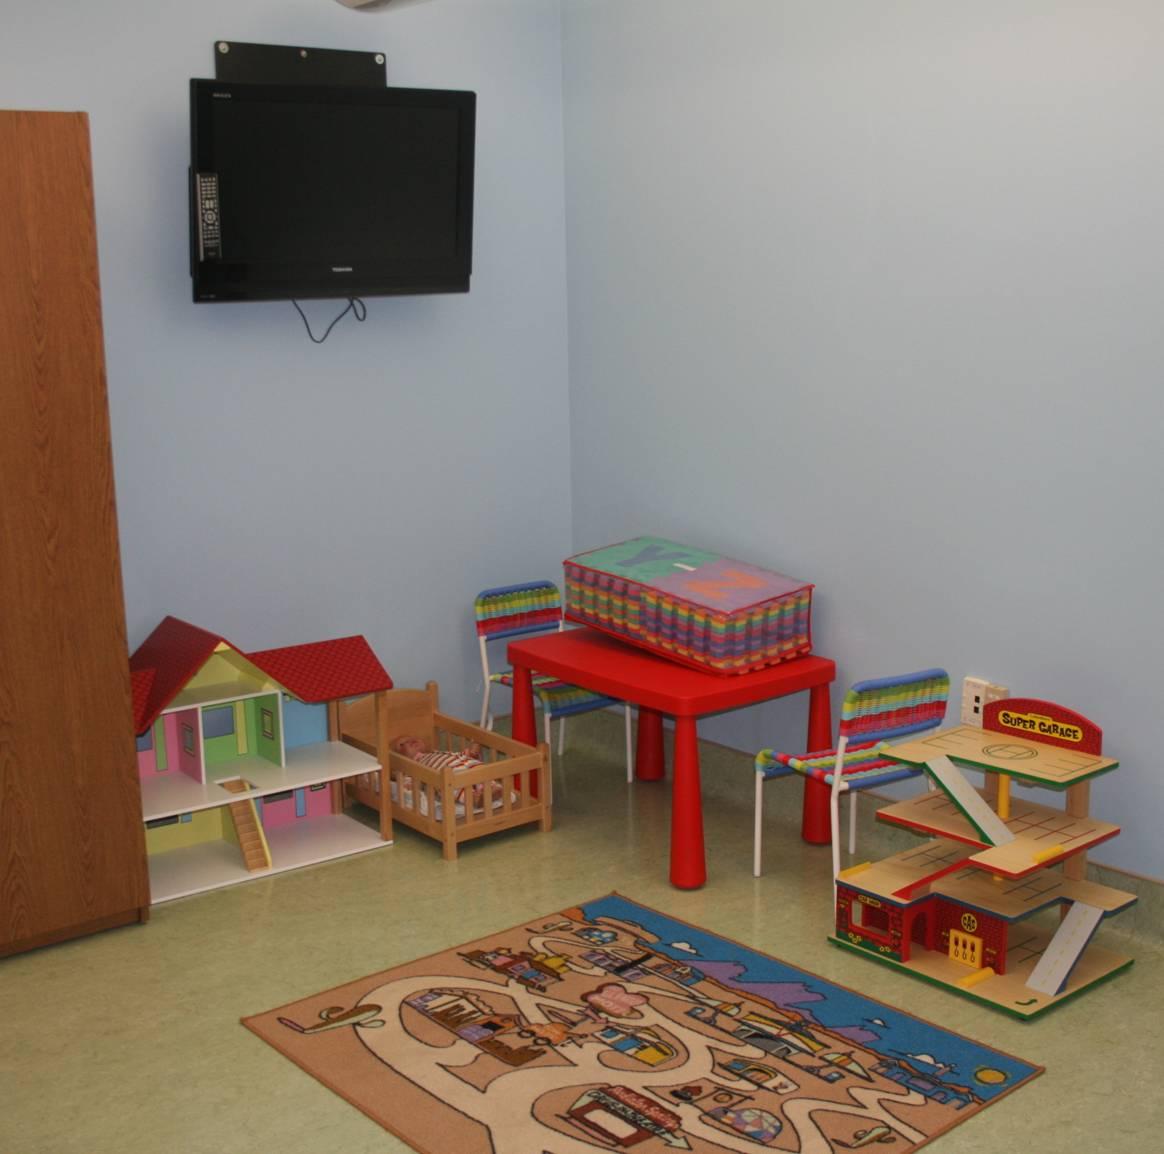 Мебель должна соответствовать росту и возрасту ребенка